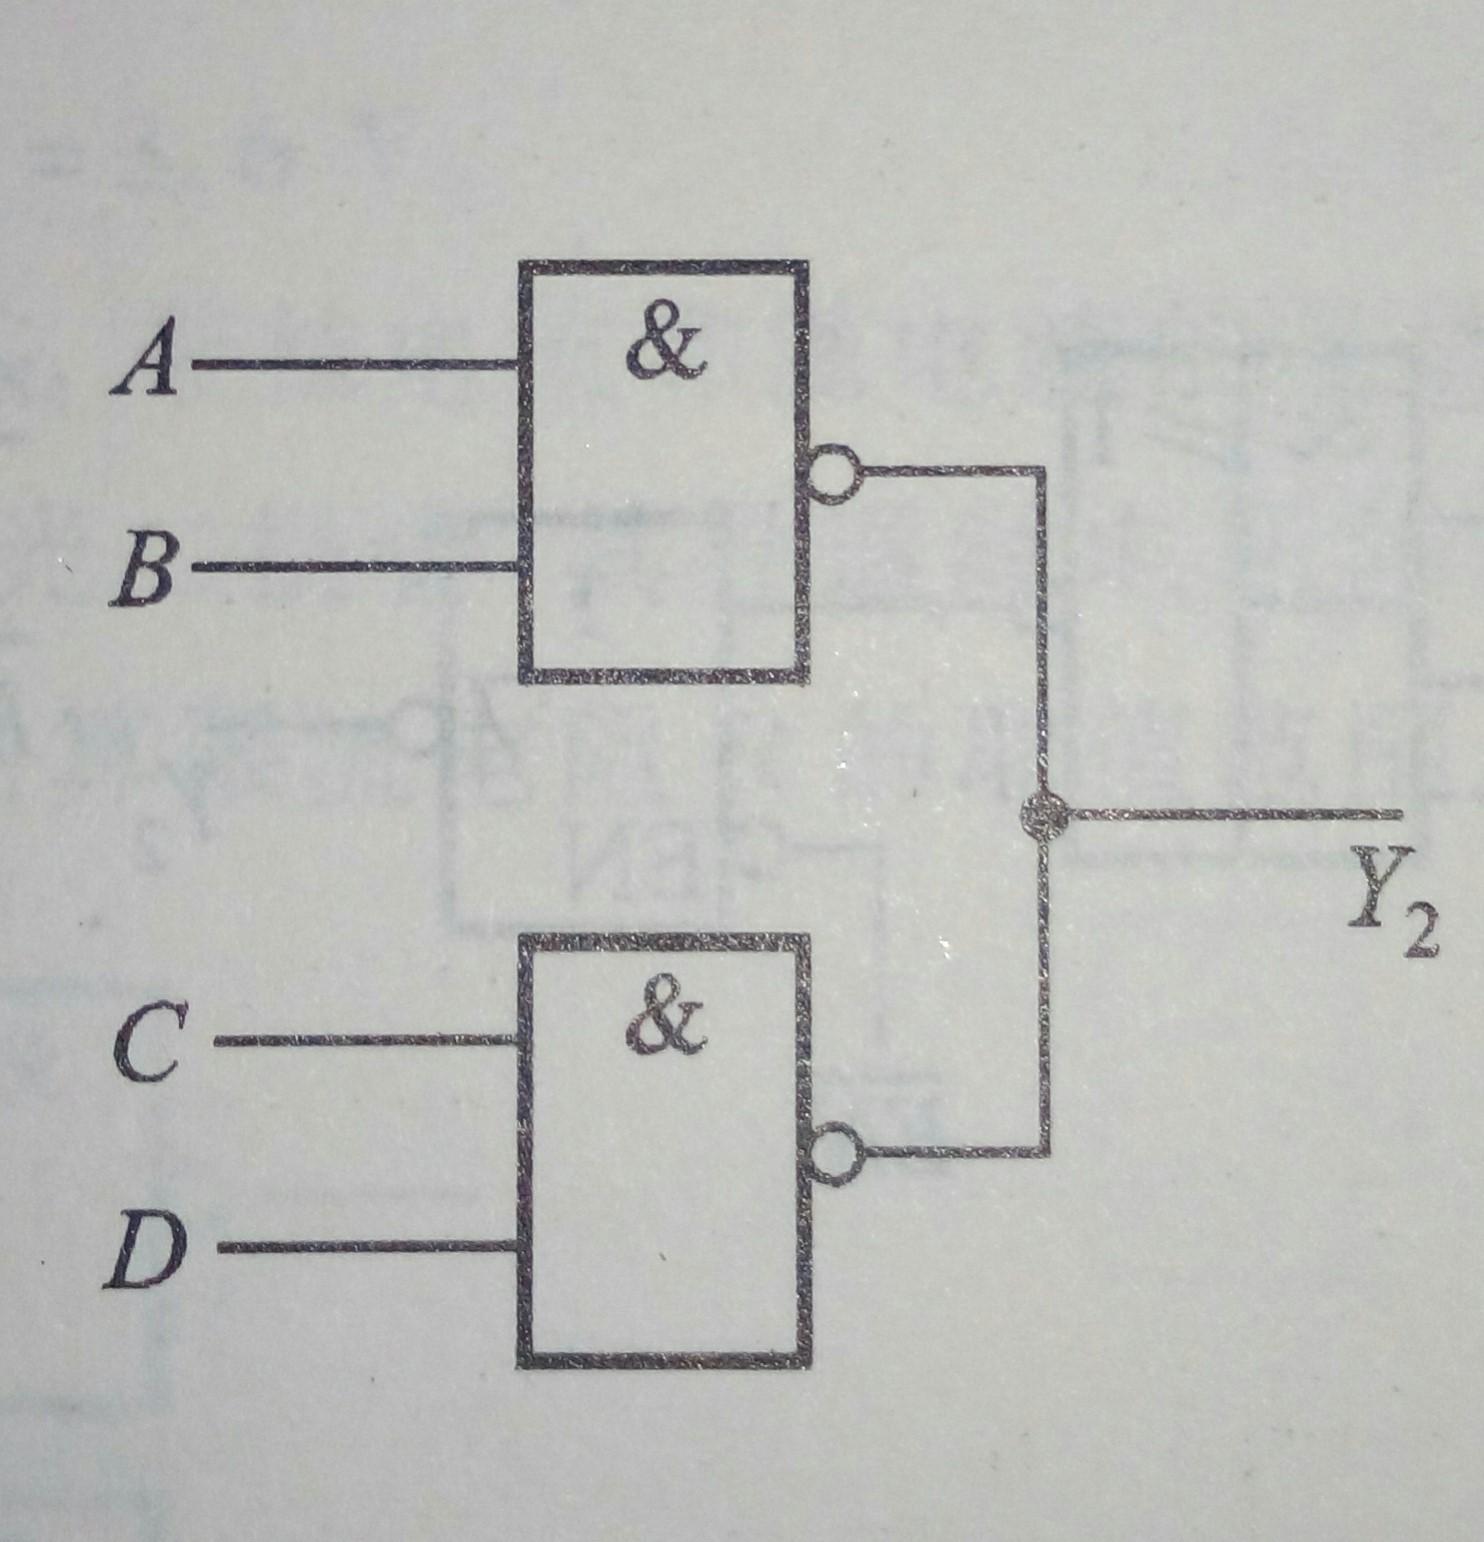 为什么此cmos门电路无法正常工作?